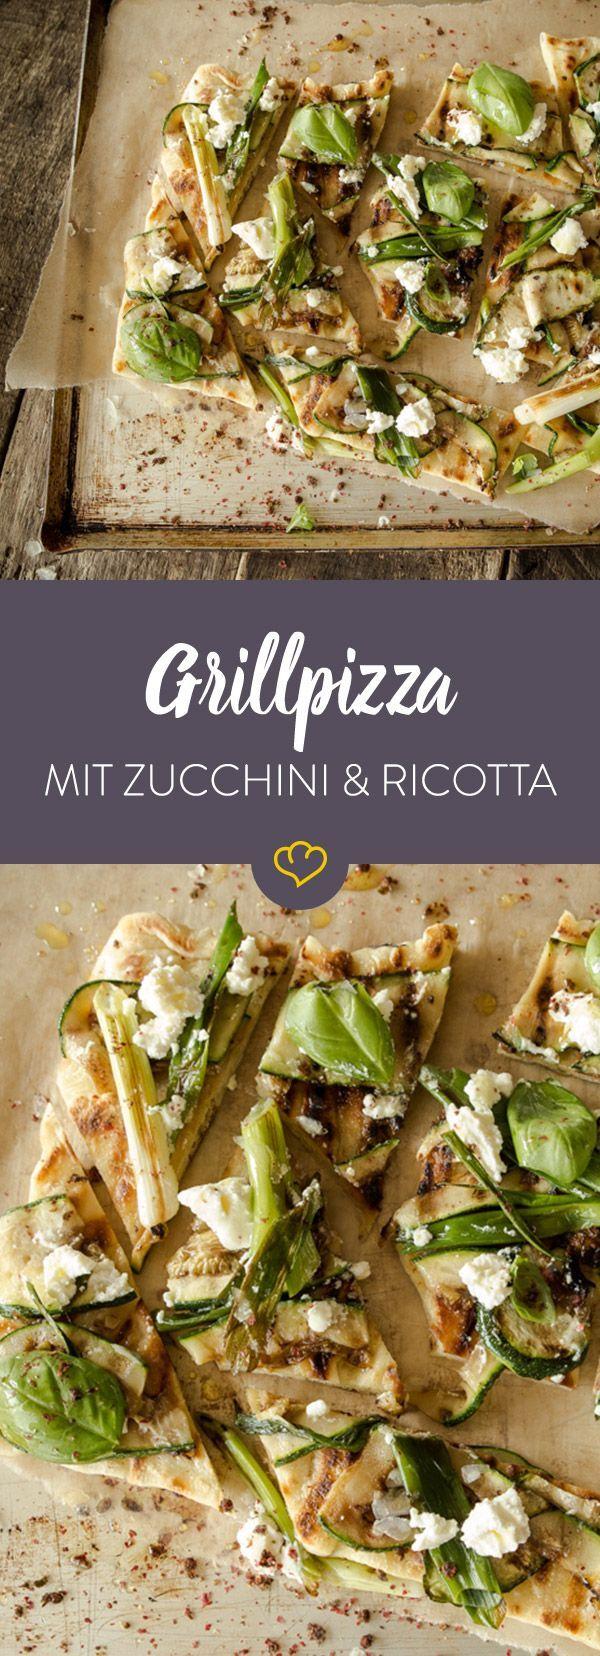 grillpizza mit zucchini und ricotta rezept es wird. Black Bedroom Furniture Sets. Home Design Ideas